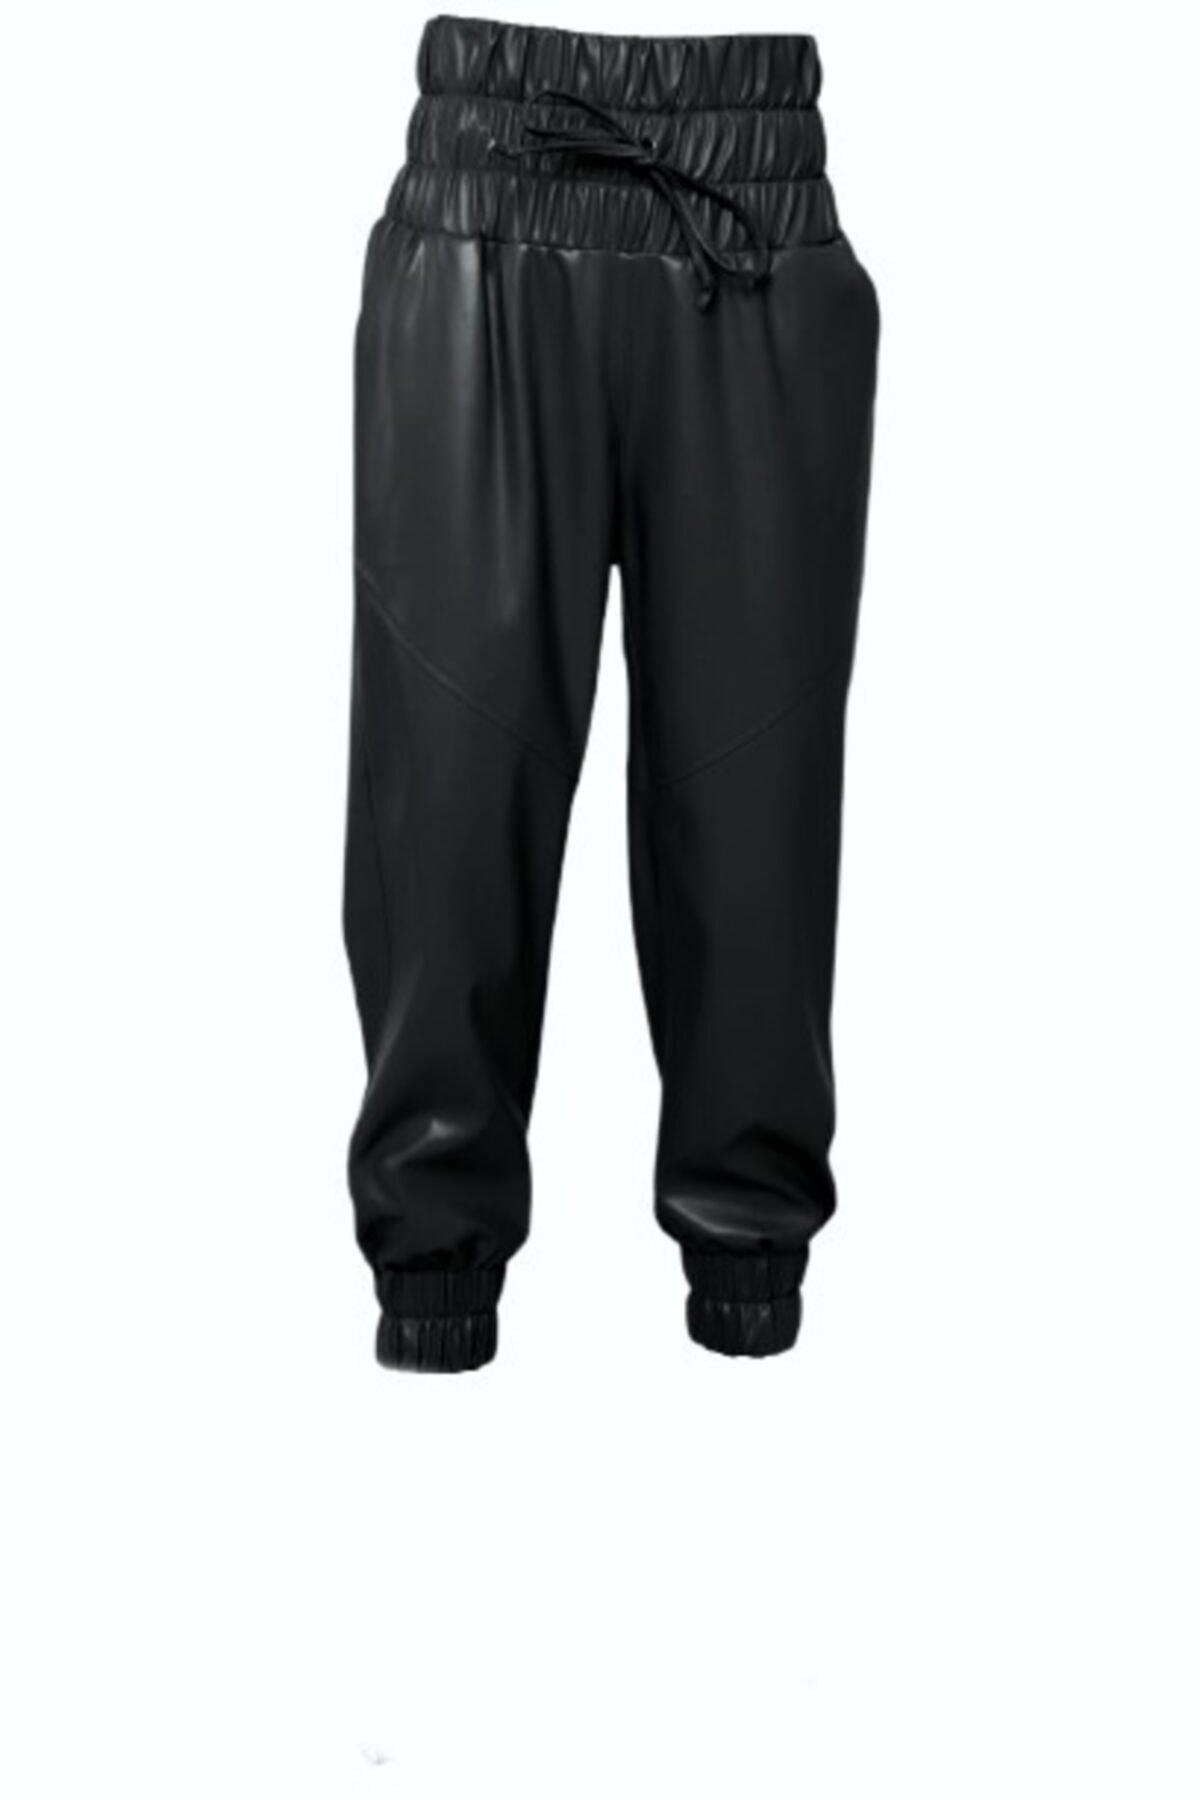 BSL Kadın Siyah Kemer Lastik Detaylı Suni Deri Pantolon 1